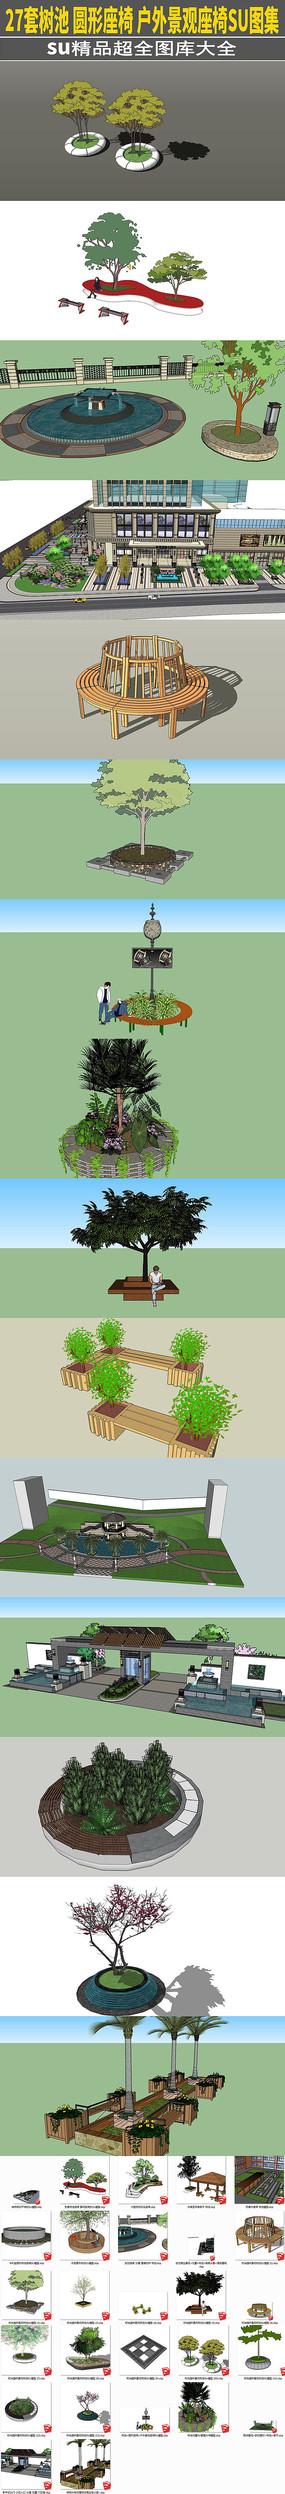 27套树池 圆形座椅户外景观座椅SU模型